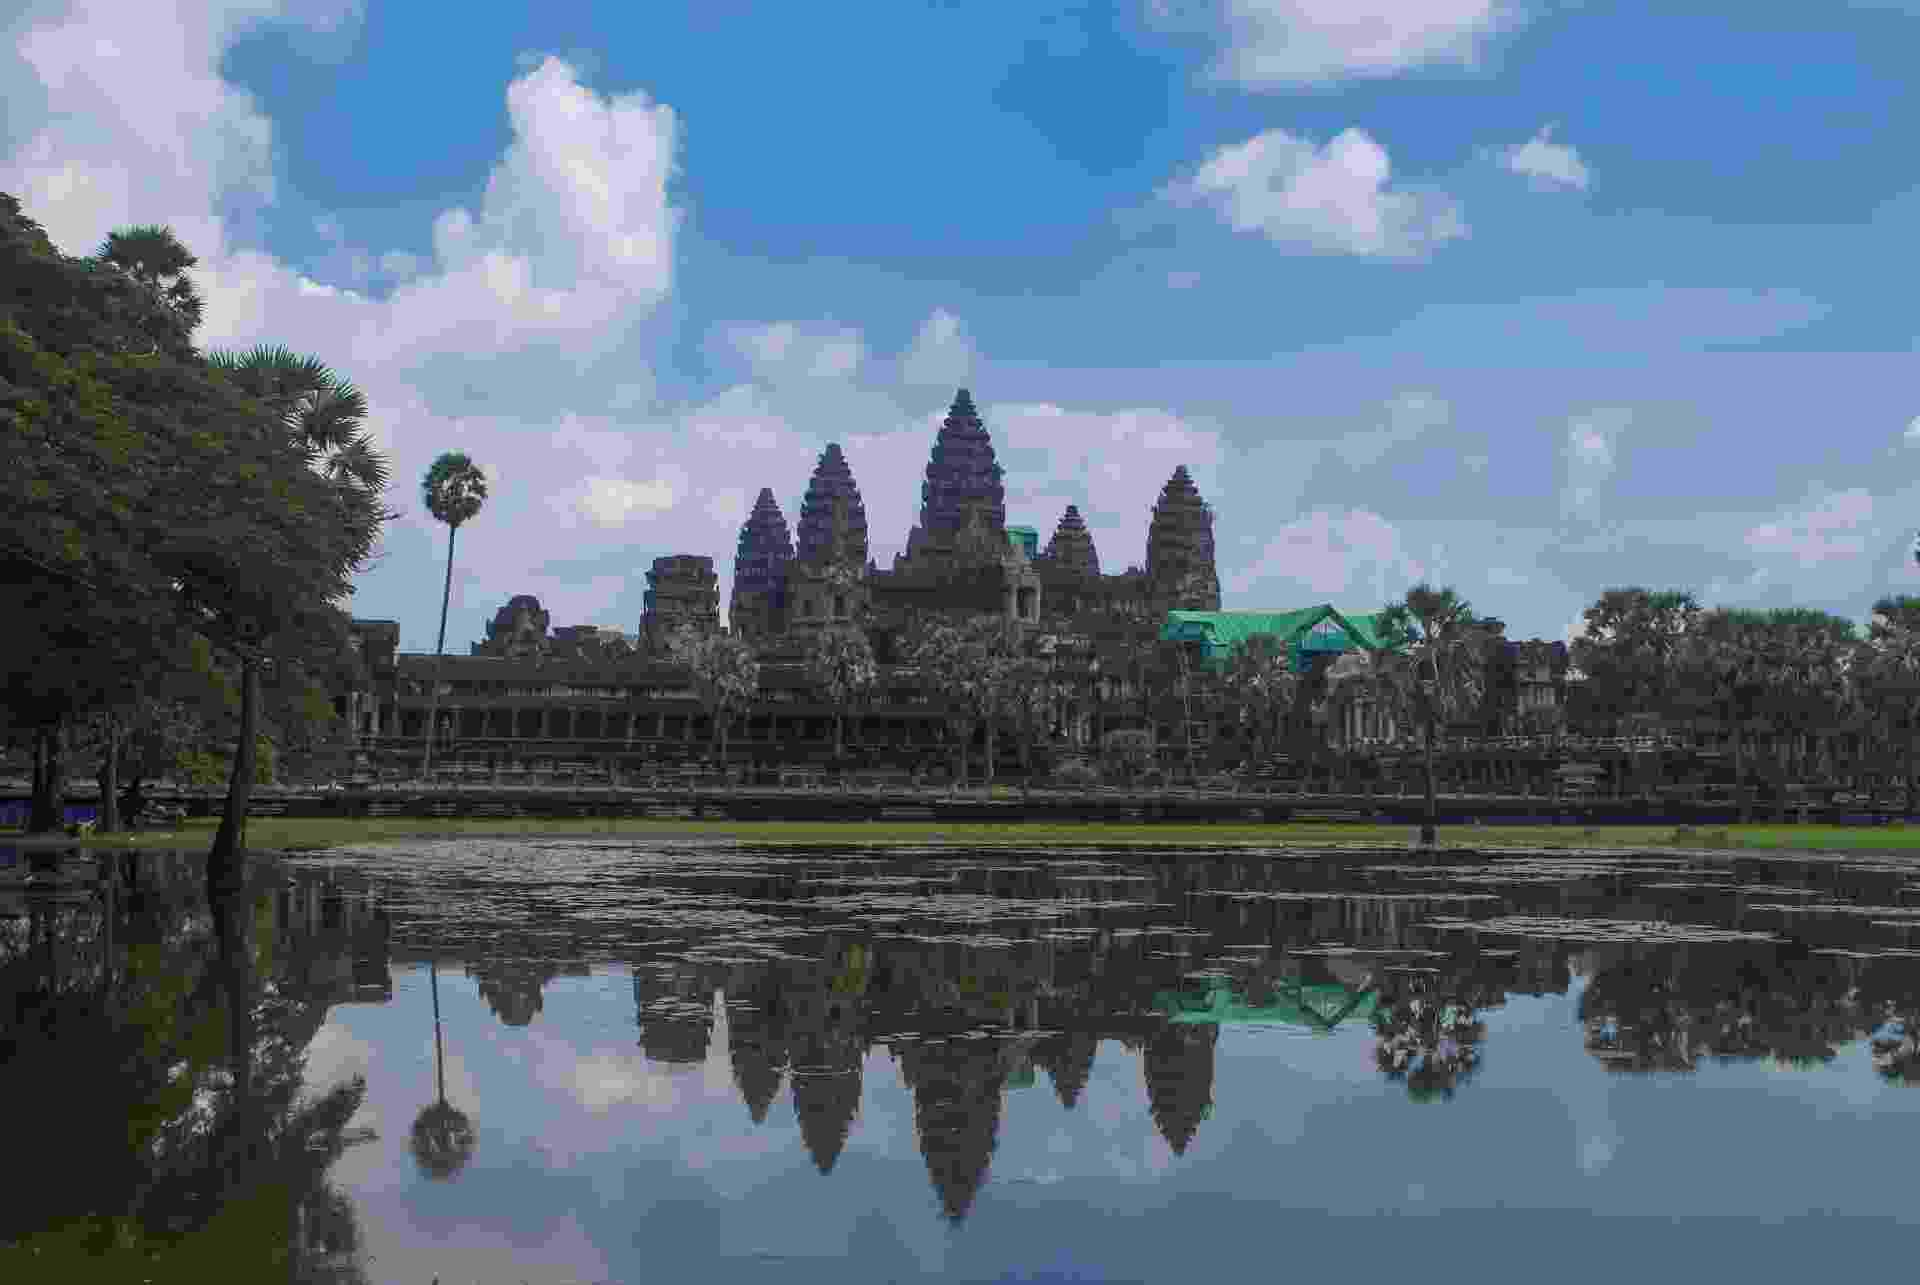 O templo hindu-budista de Angkor Wat, no Camboja, é a maior construção religiosa do mundo - Pedro Fandiño/ Folhapress